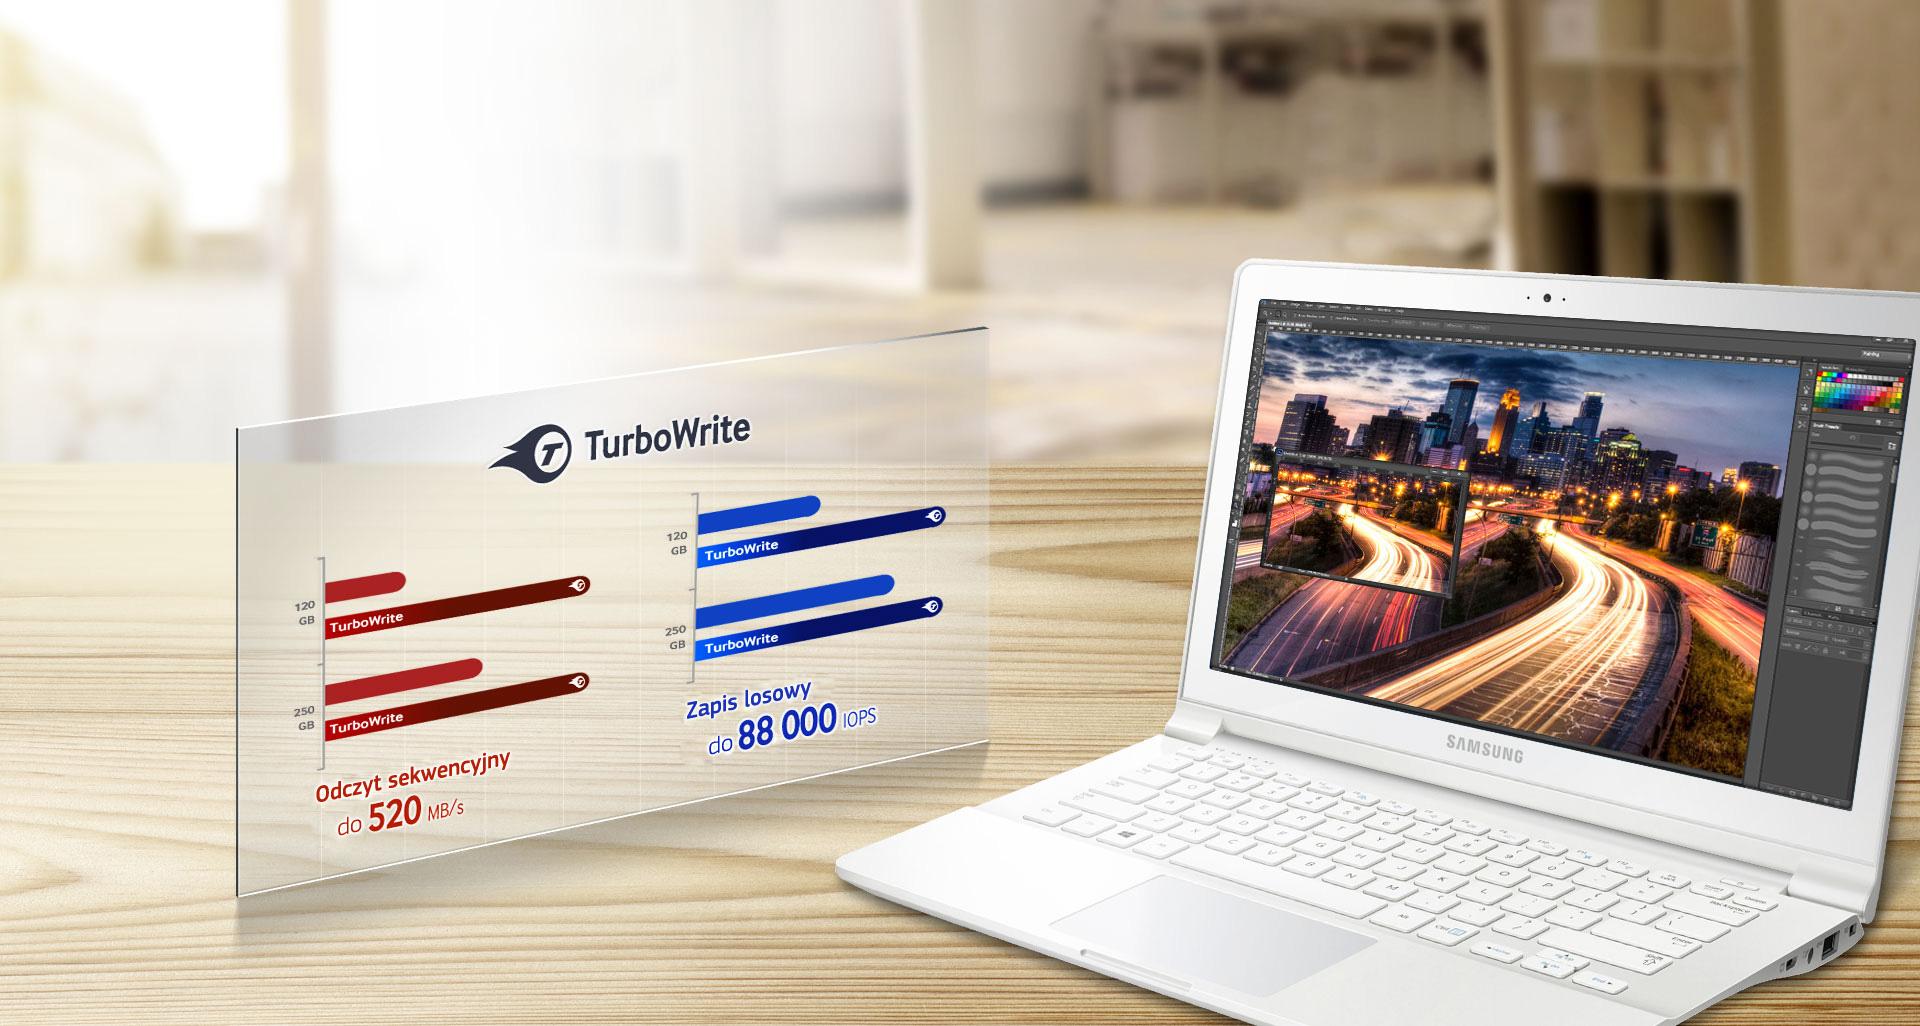 Optymalizuj zadania wykonywane na komputerze dzięki technologii TurboWrite